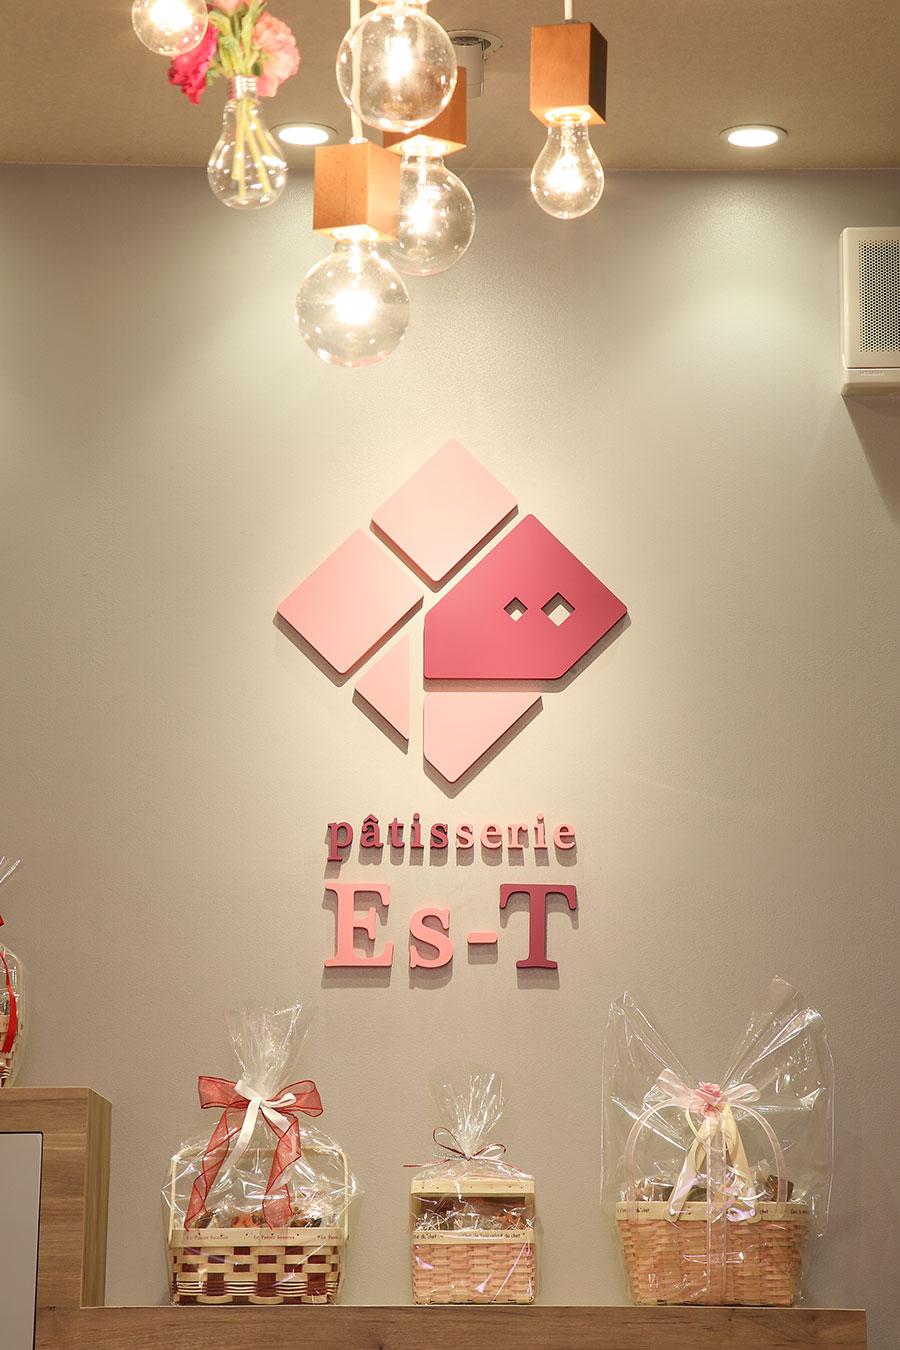 洋菓子店のサインデザイン